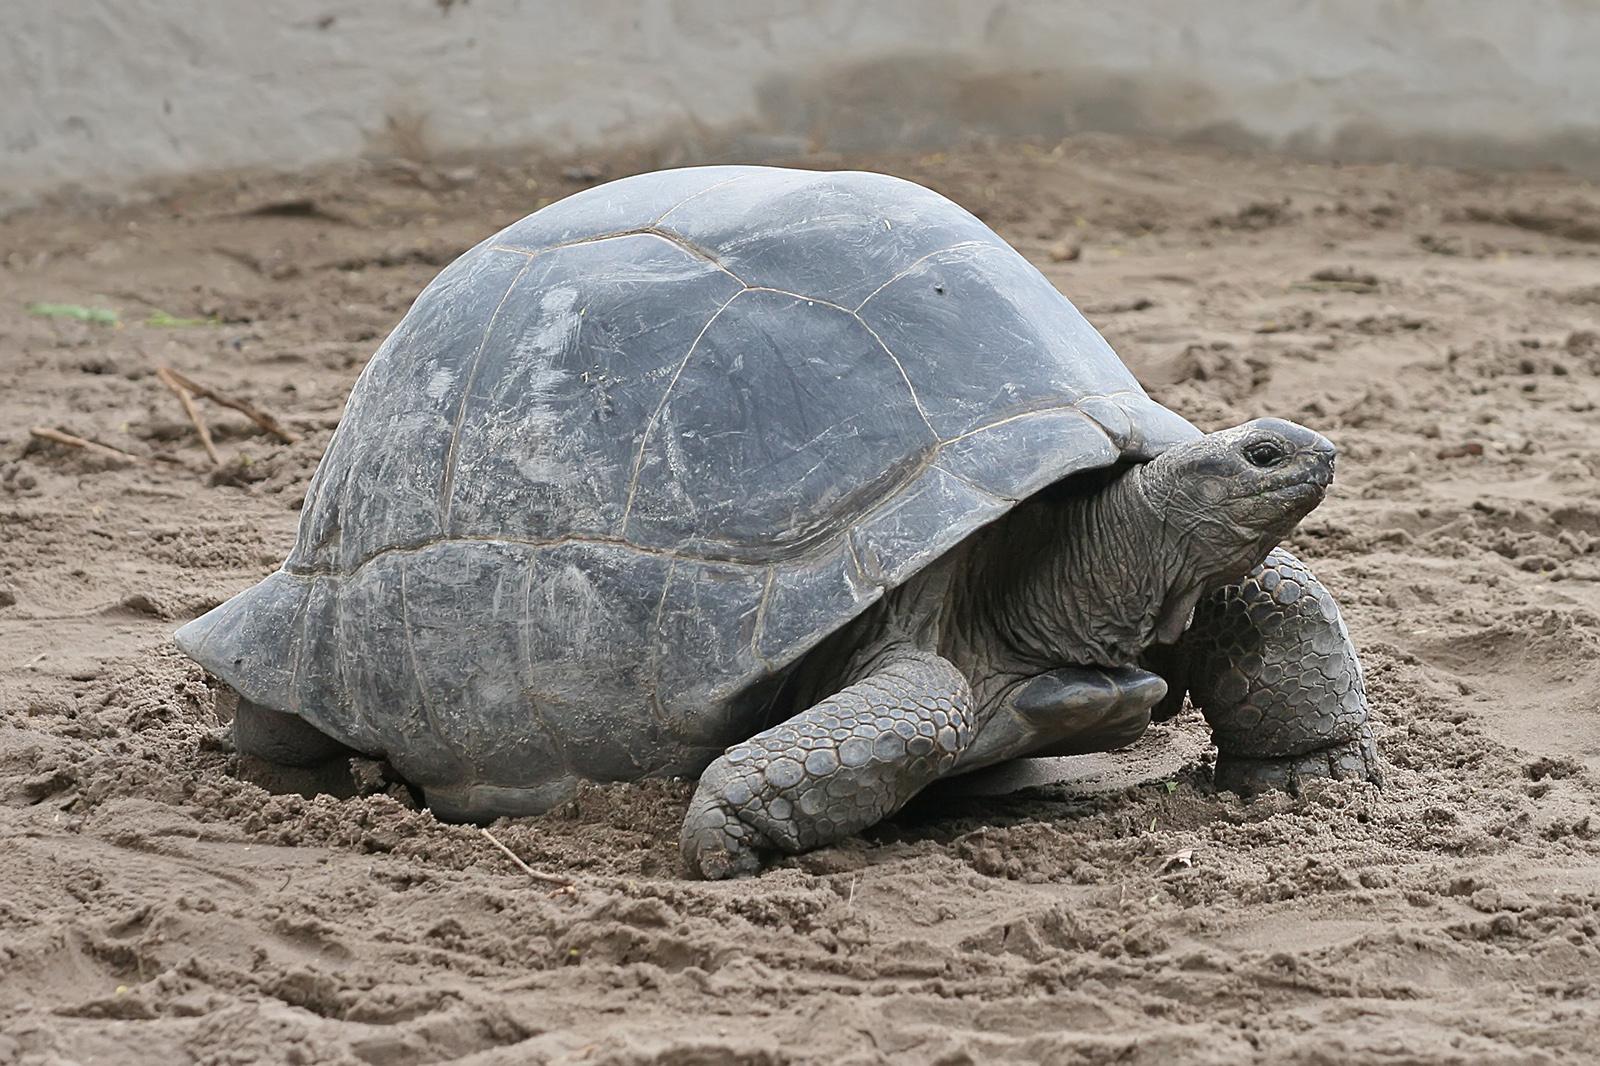 Turtle Shell Wikipedia